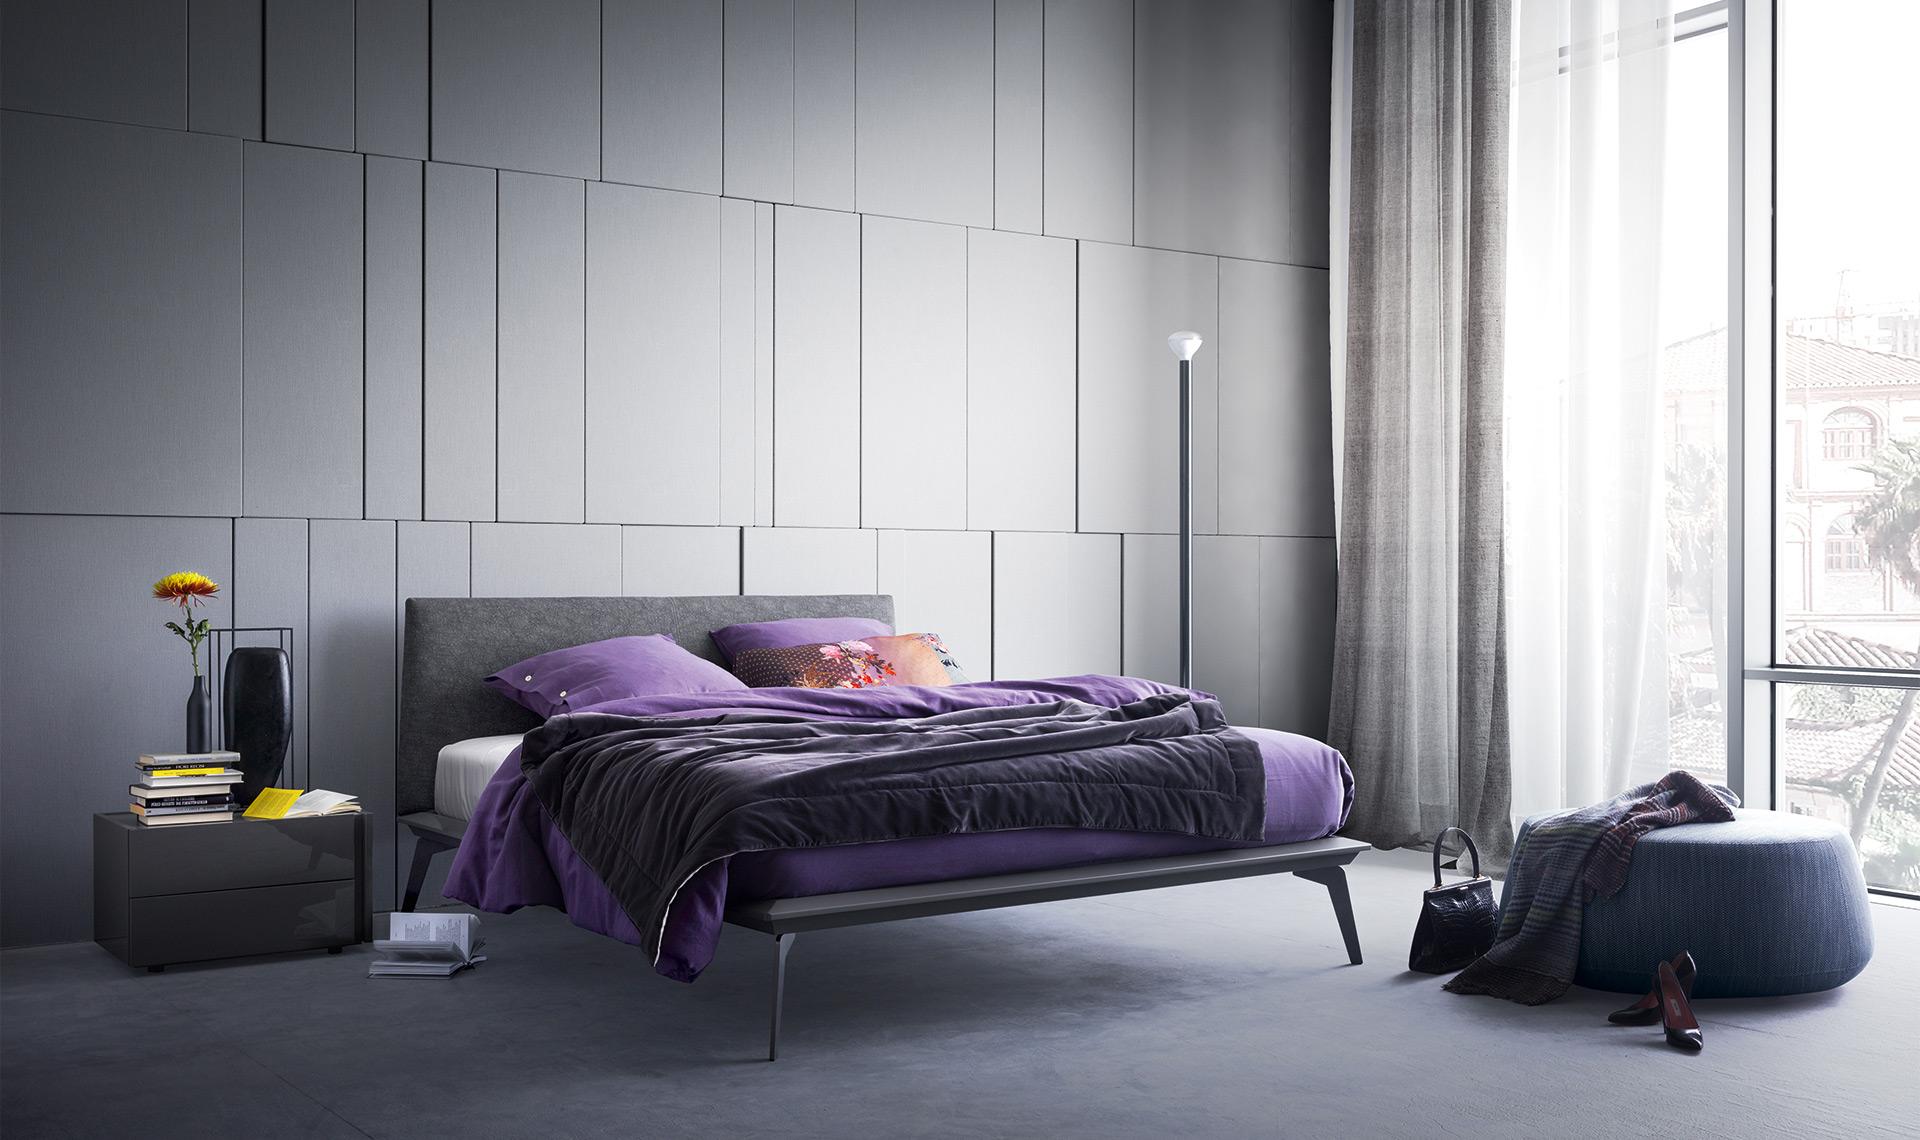 Gwiazda w sypialni